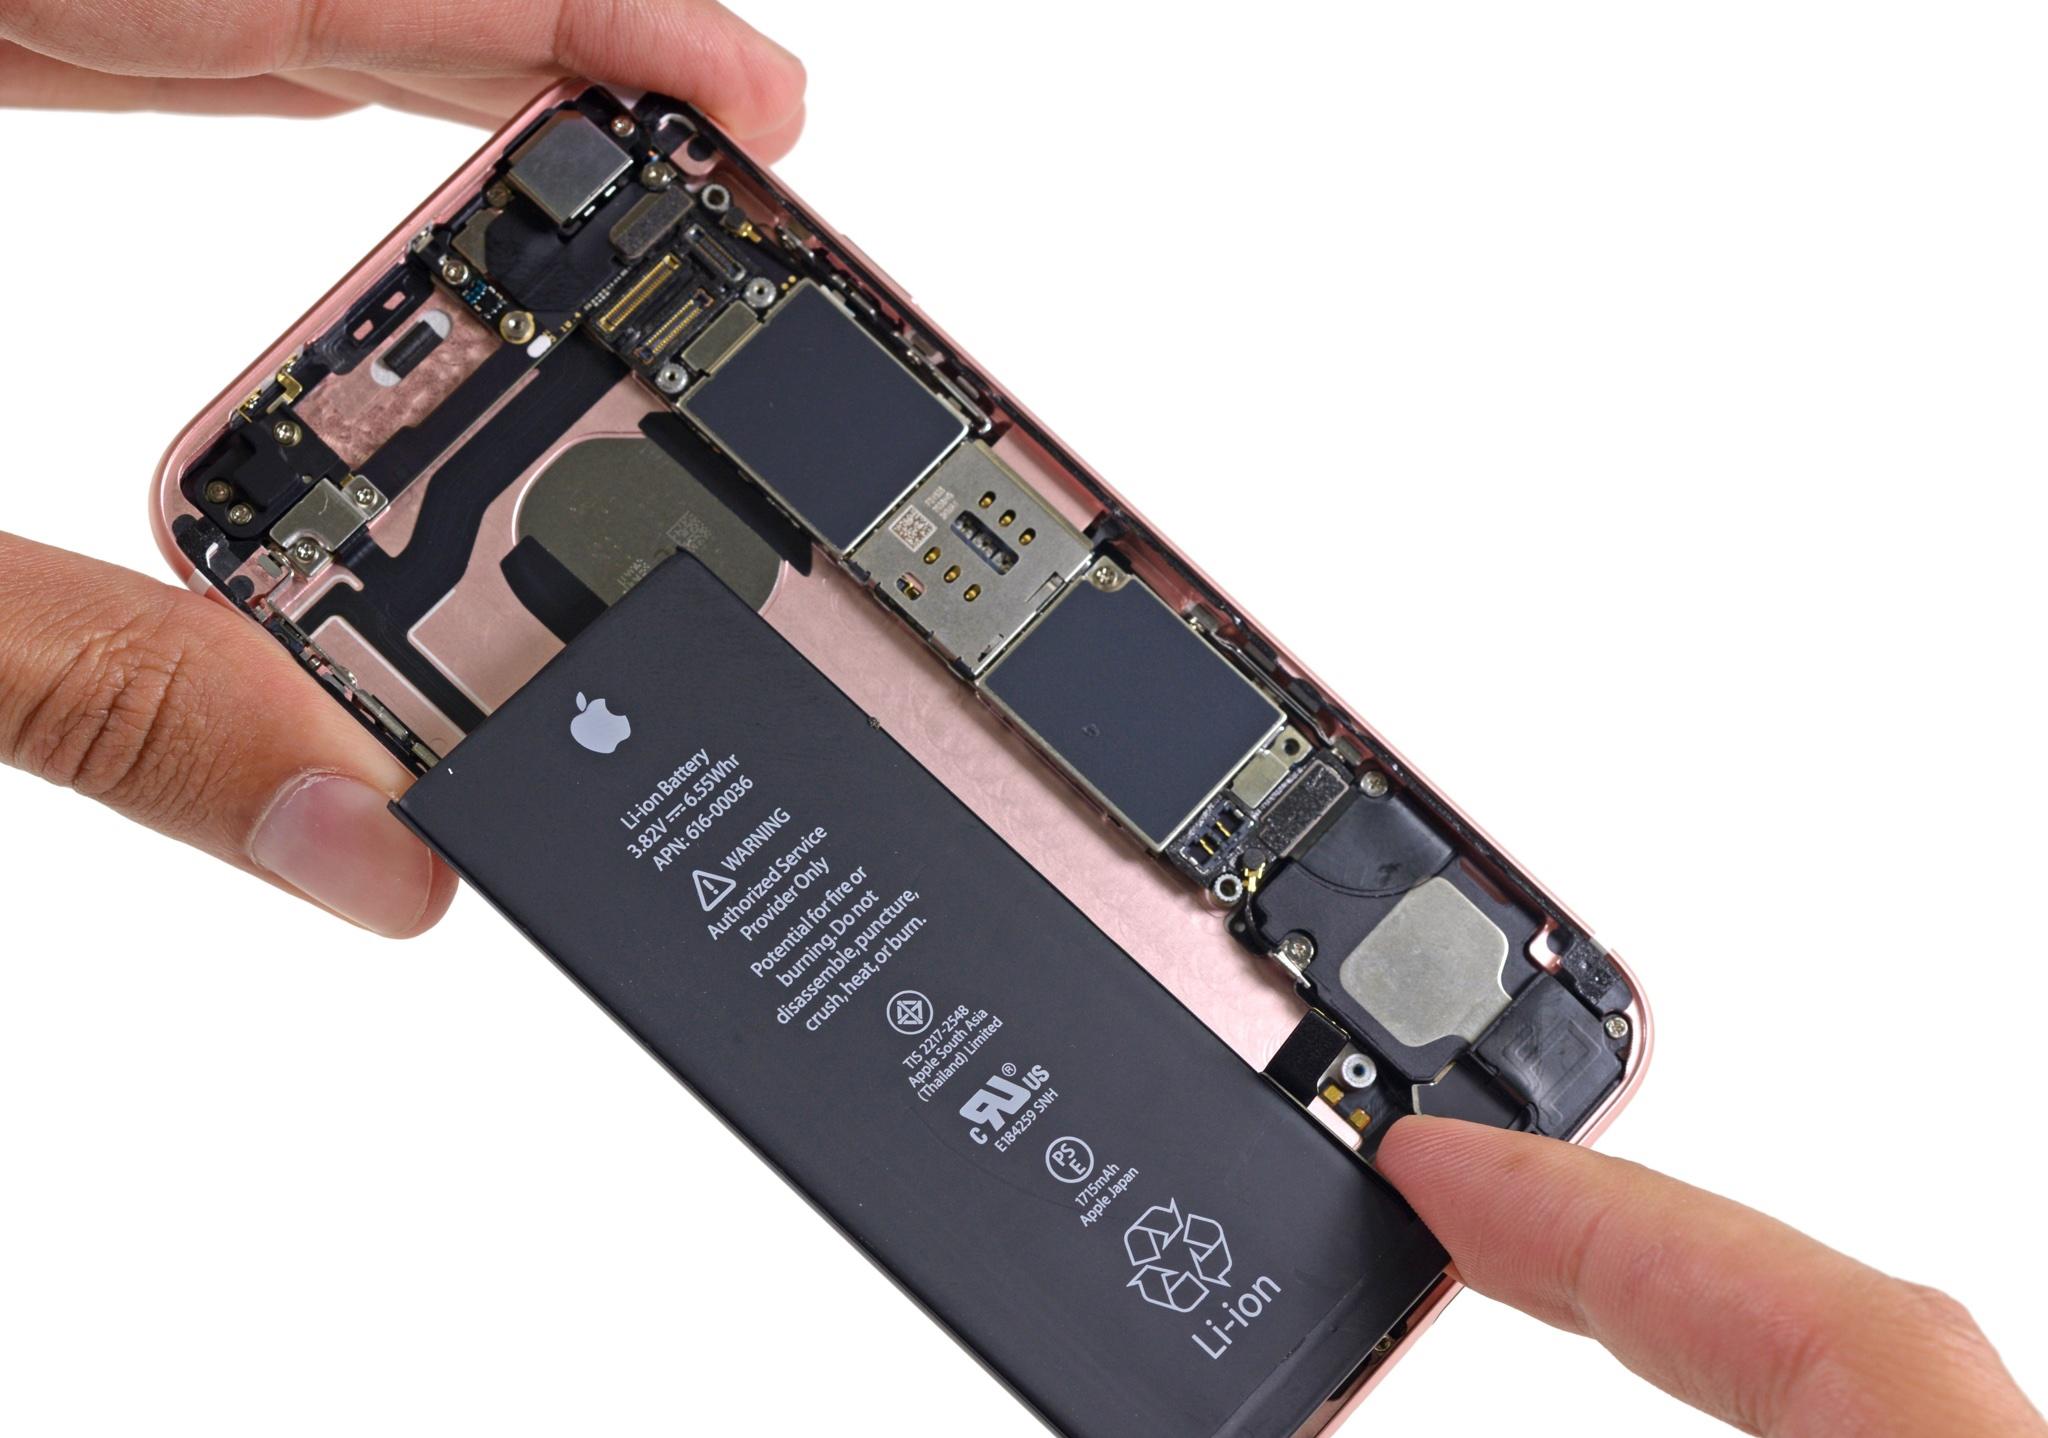 Come cambiare batteria iphone wizblog for Assistenza velux telefono